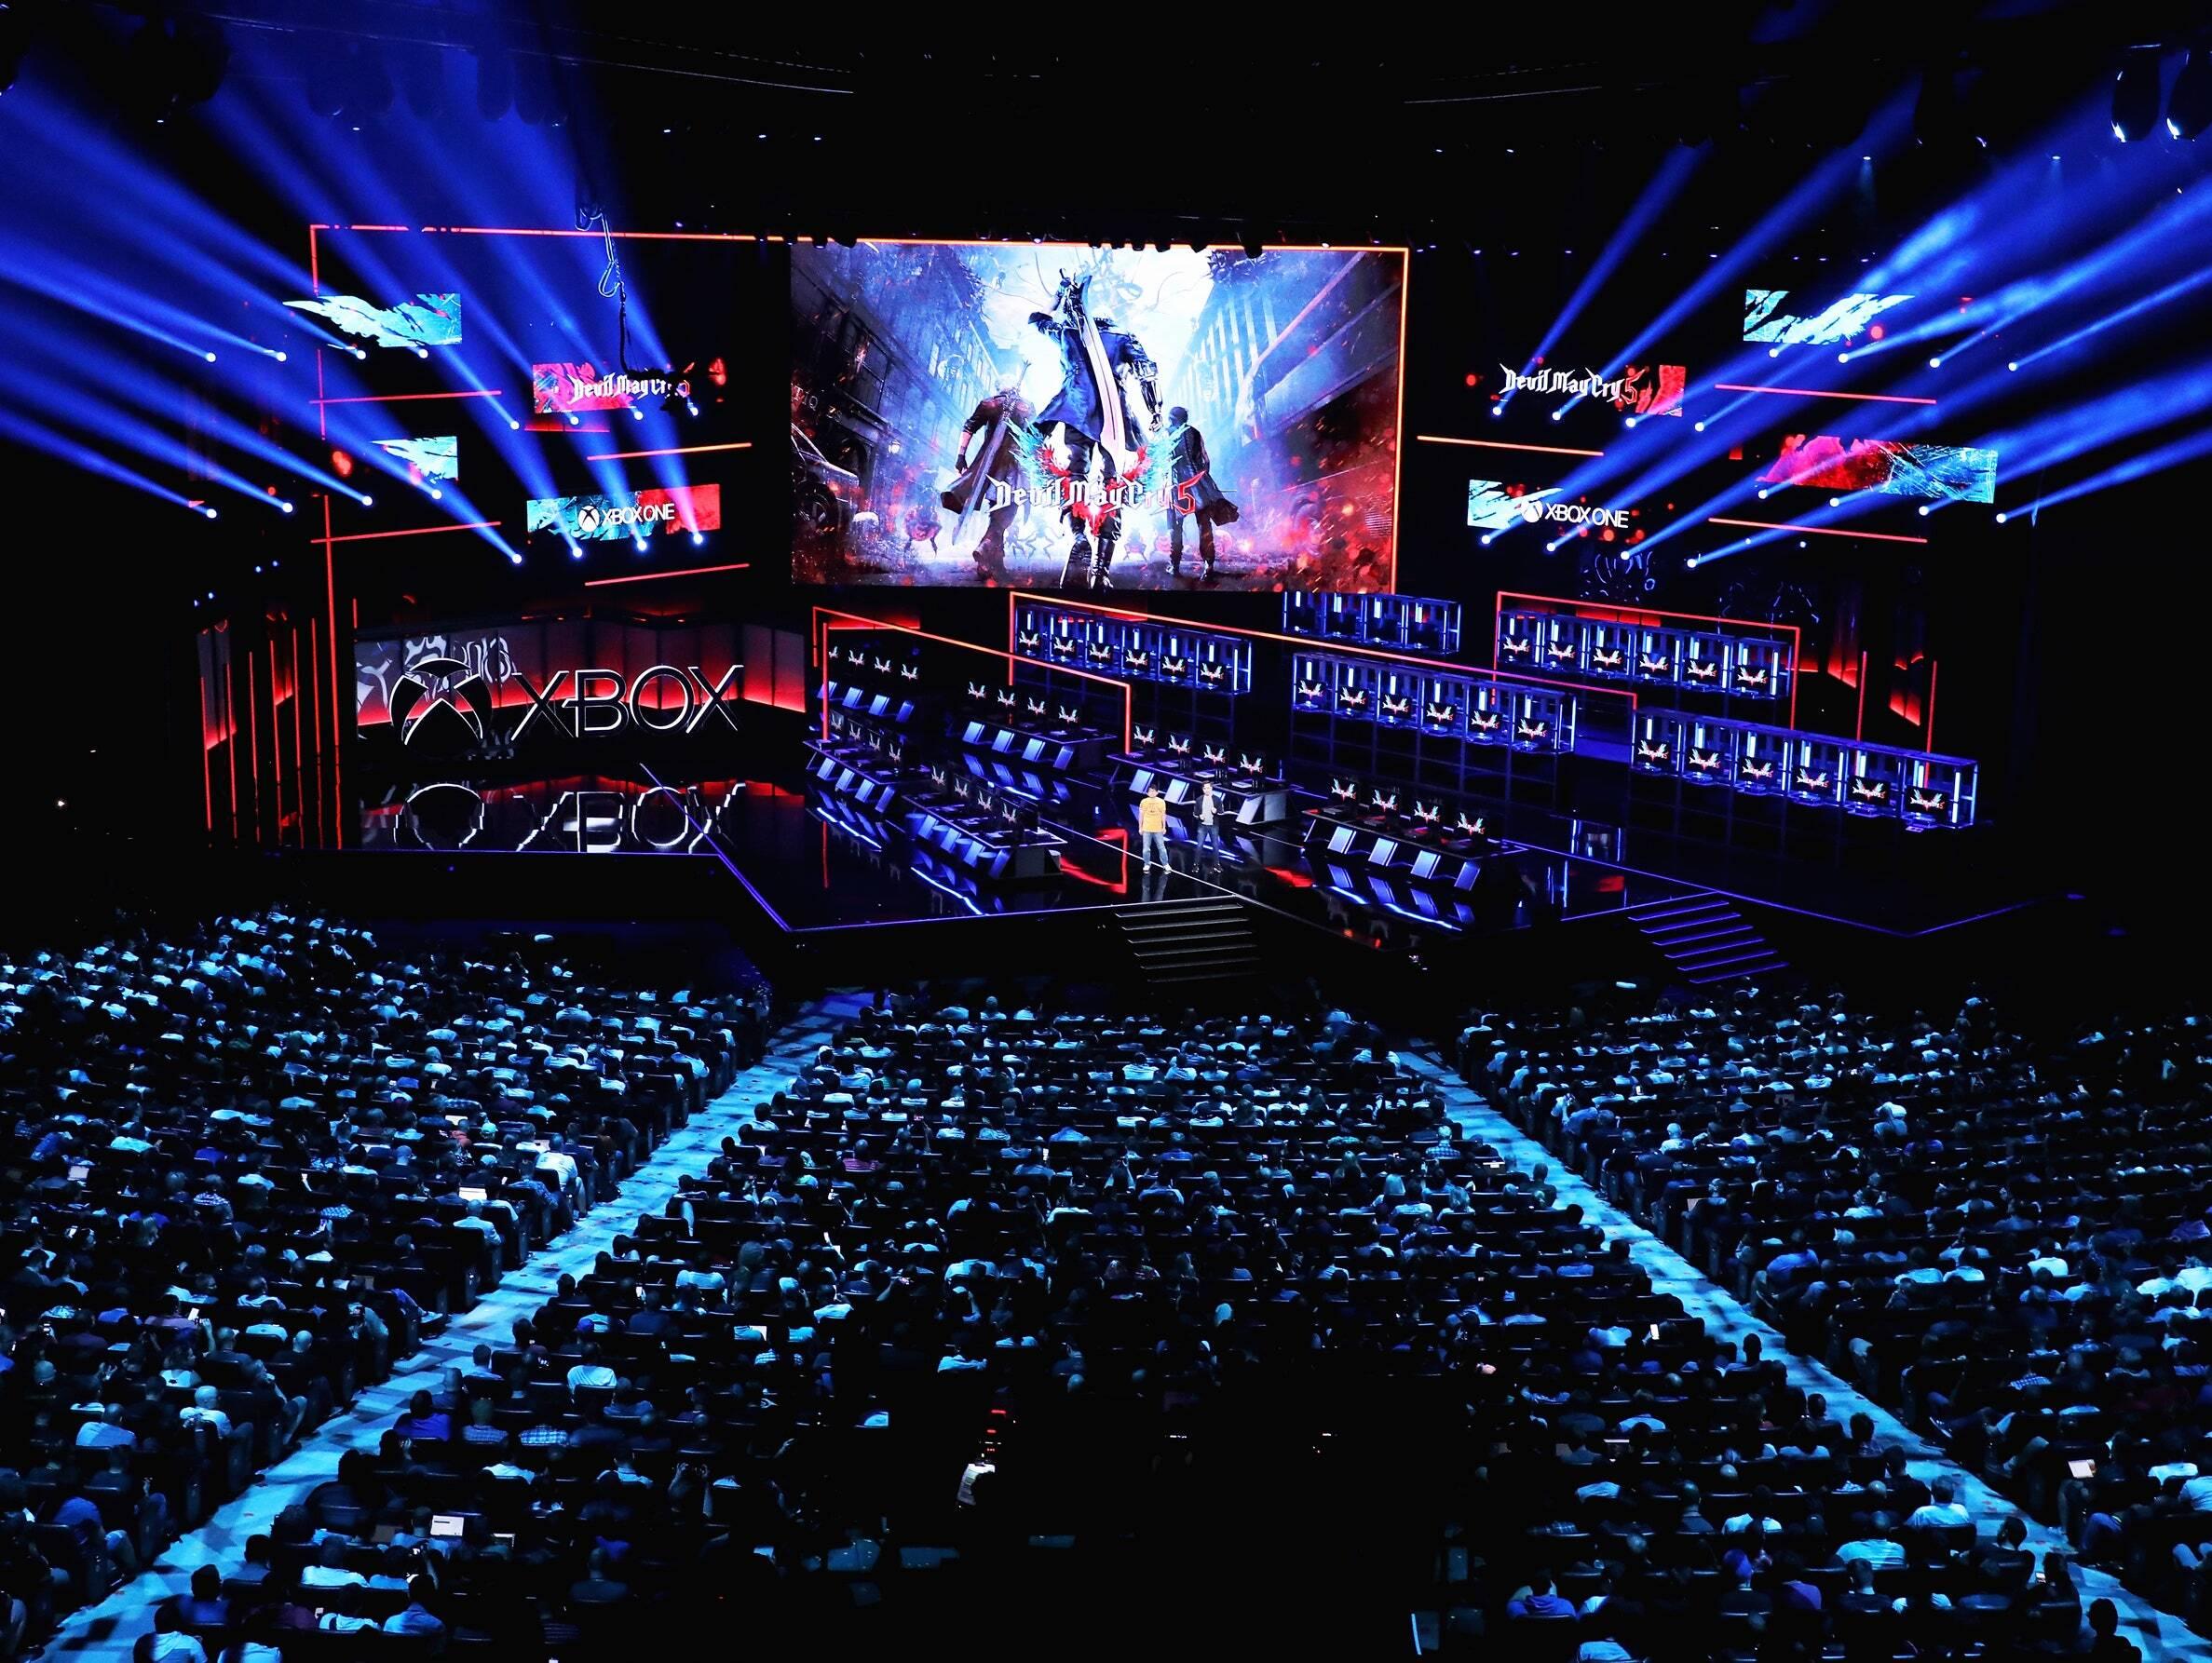 Традиционную выставку видеоигр E3 снова отменили